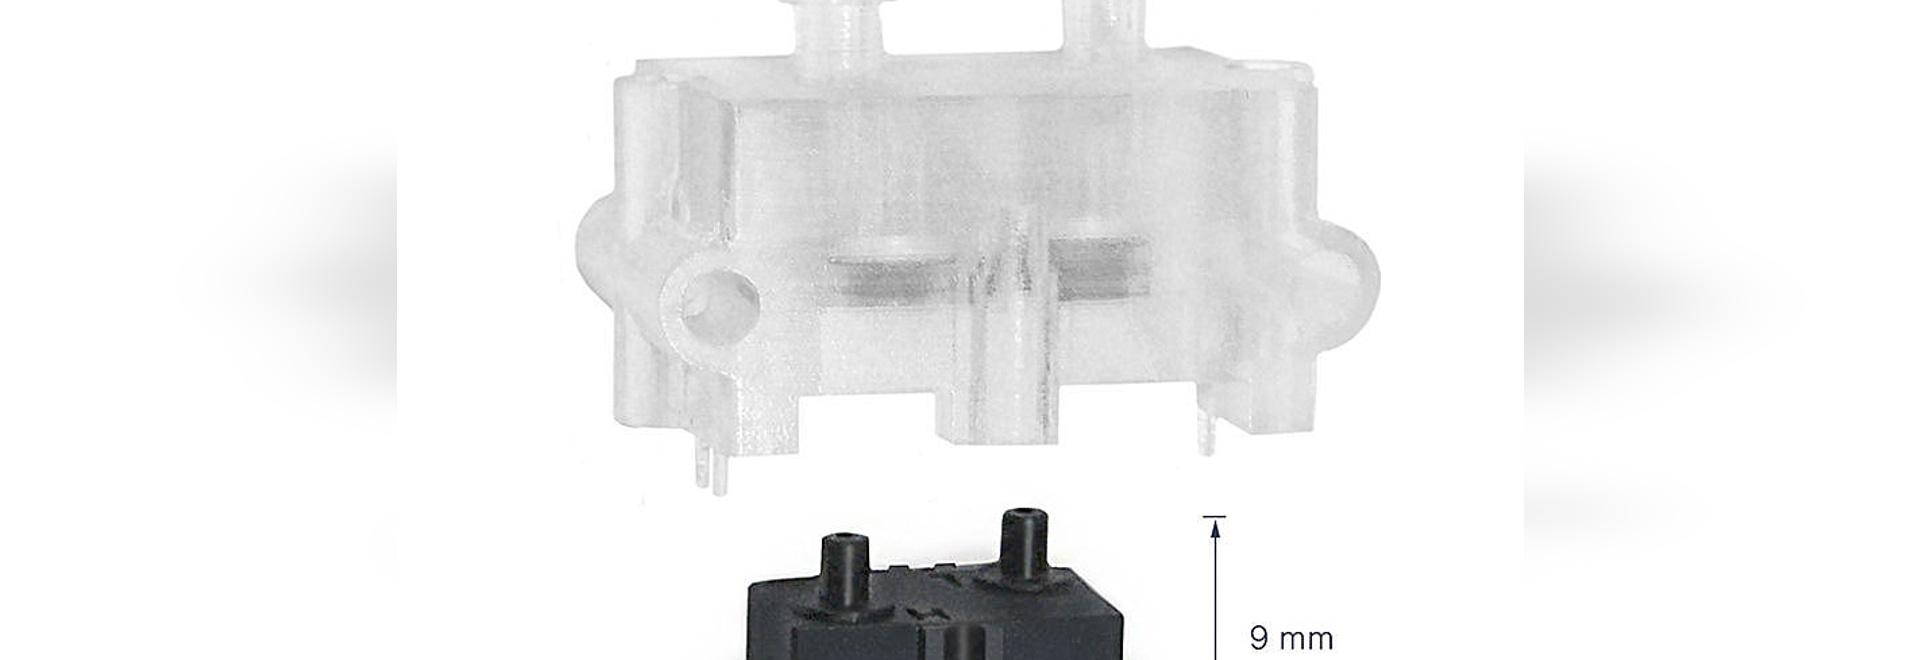 Sensores ultrabajos aumentables multíples de la presión diferenciada de LME